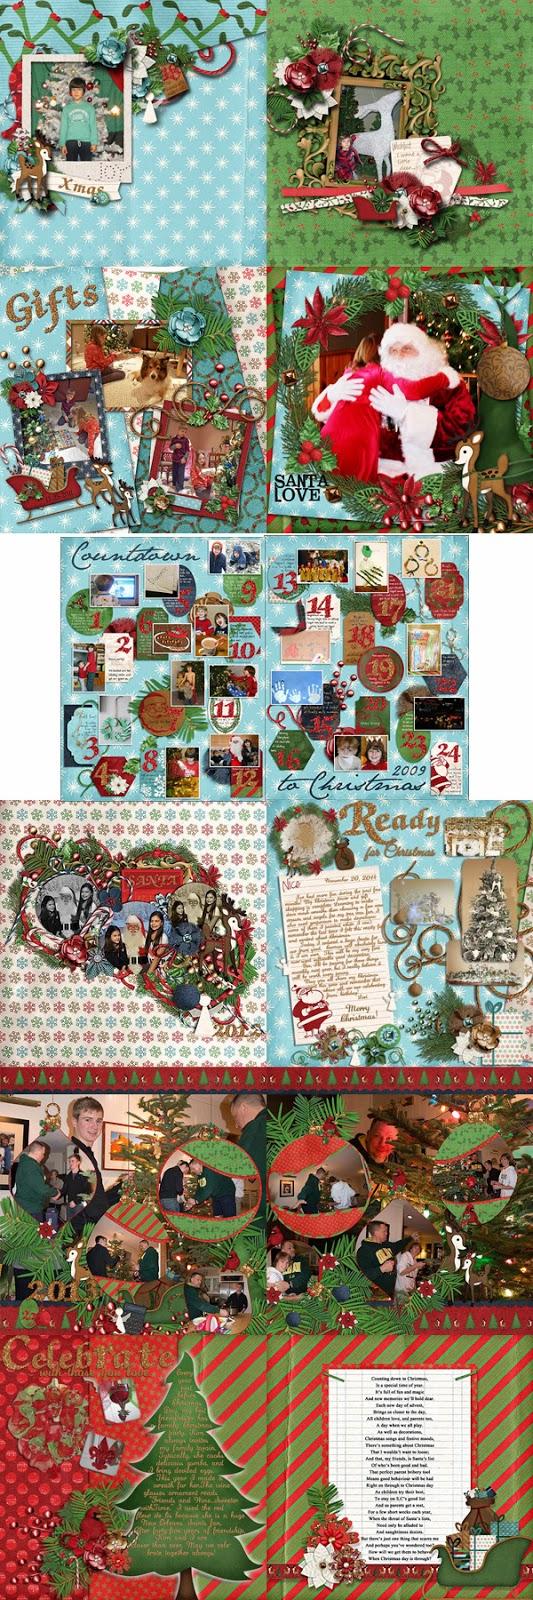 http://scraptakeout.com/shoppe/December-Grab-bag.html